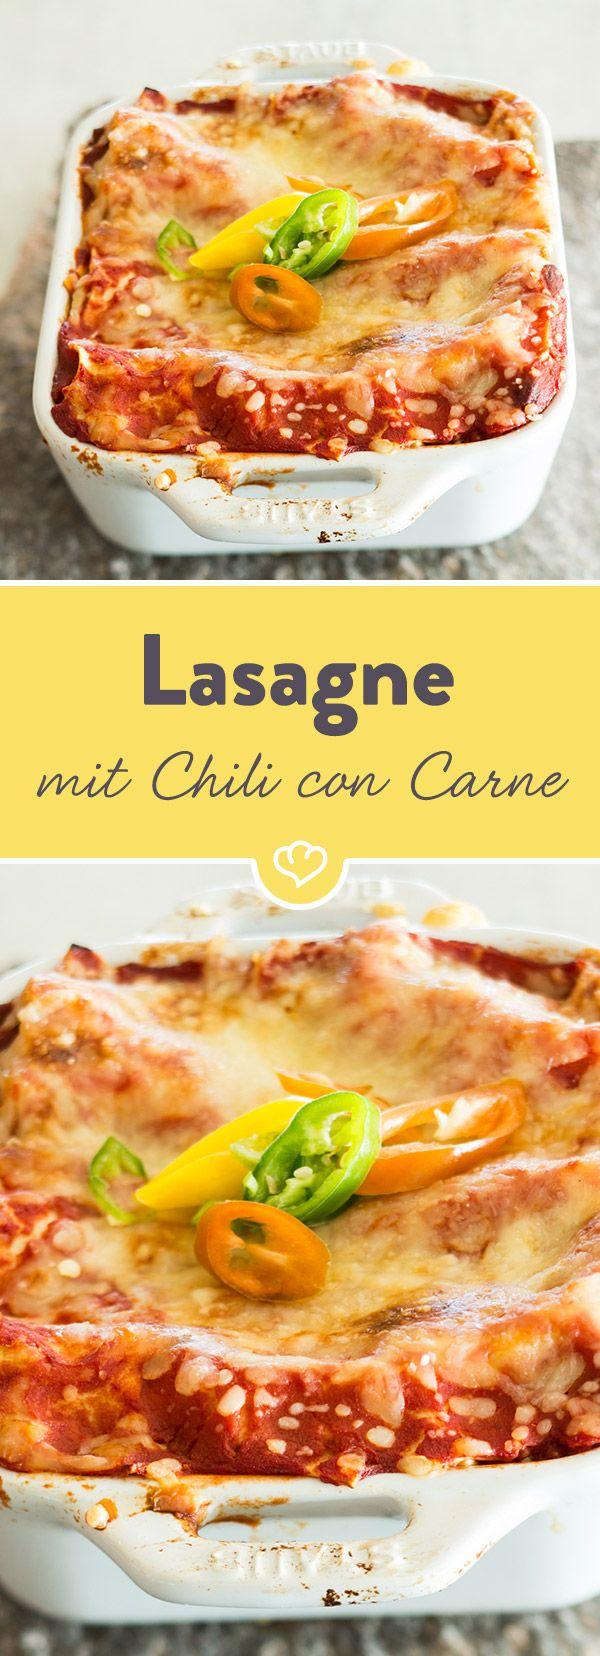 Wenn du noch Chili vom Vortag übrig hast, kannst du ganz easy eine leckere Lasagne zaubern. Mit Béchamelsauce und Nudeln schichten, Käse drauf - fertig!